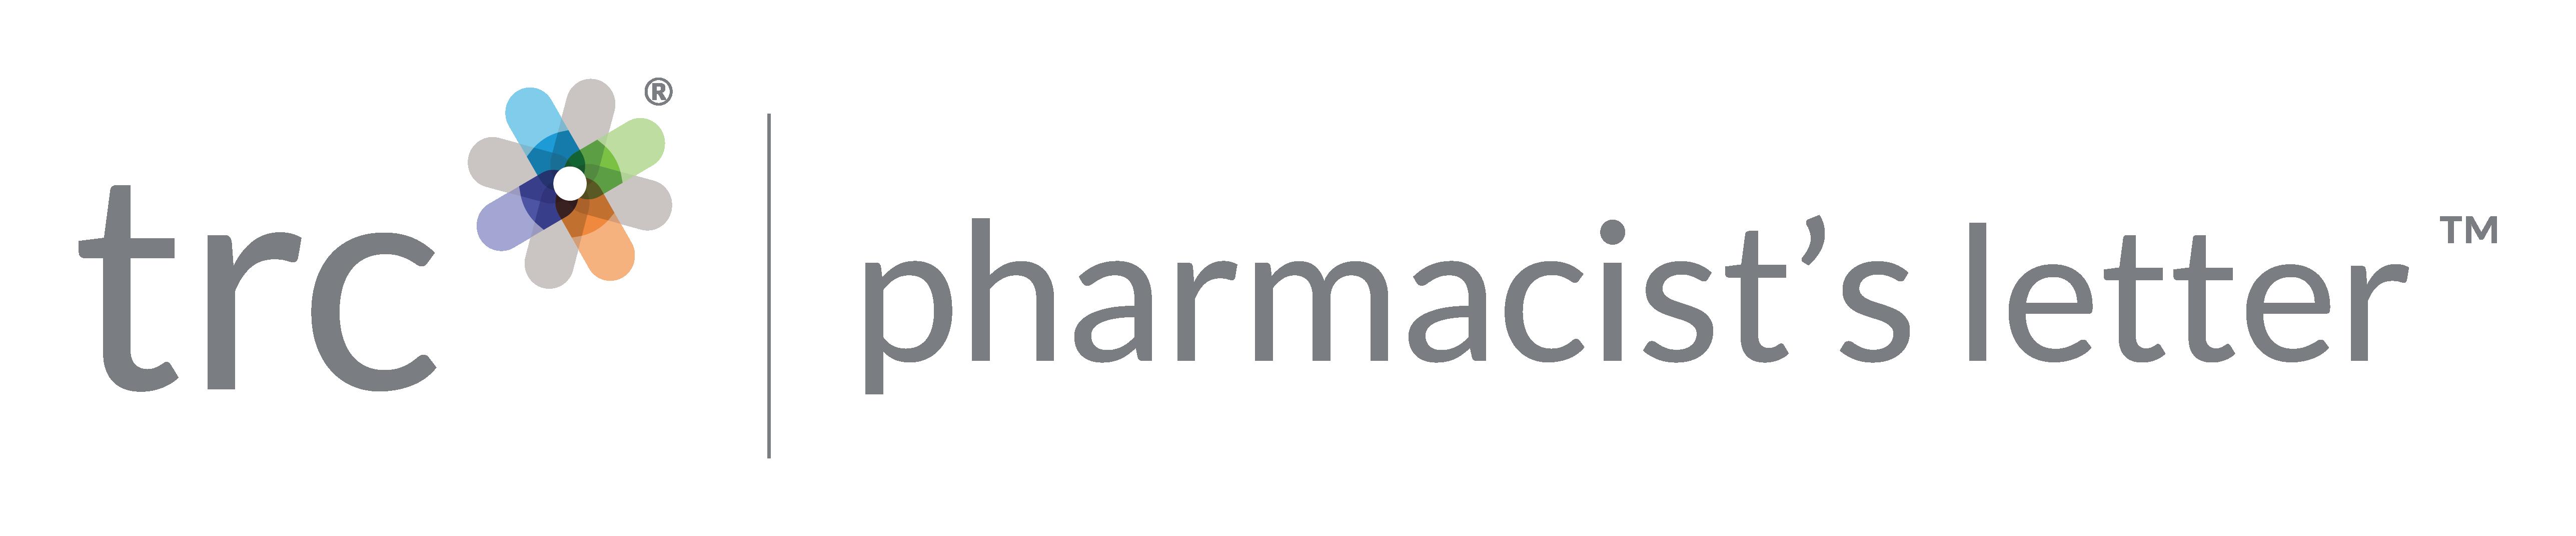 Pharmacist's Letter